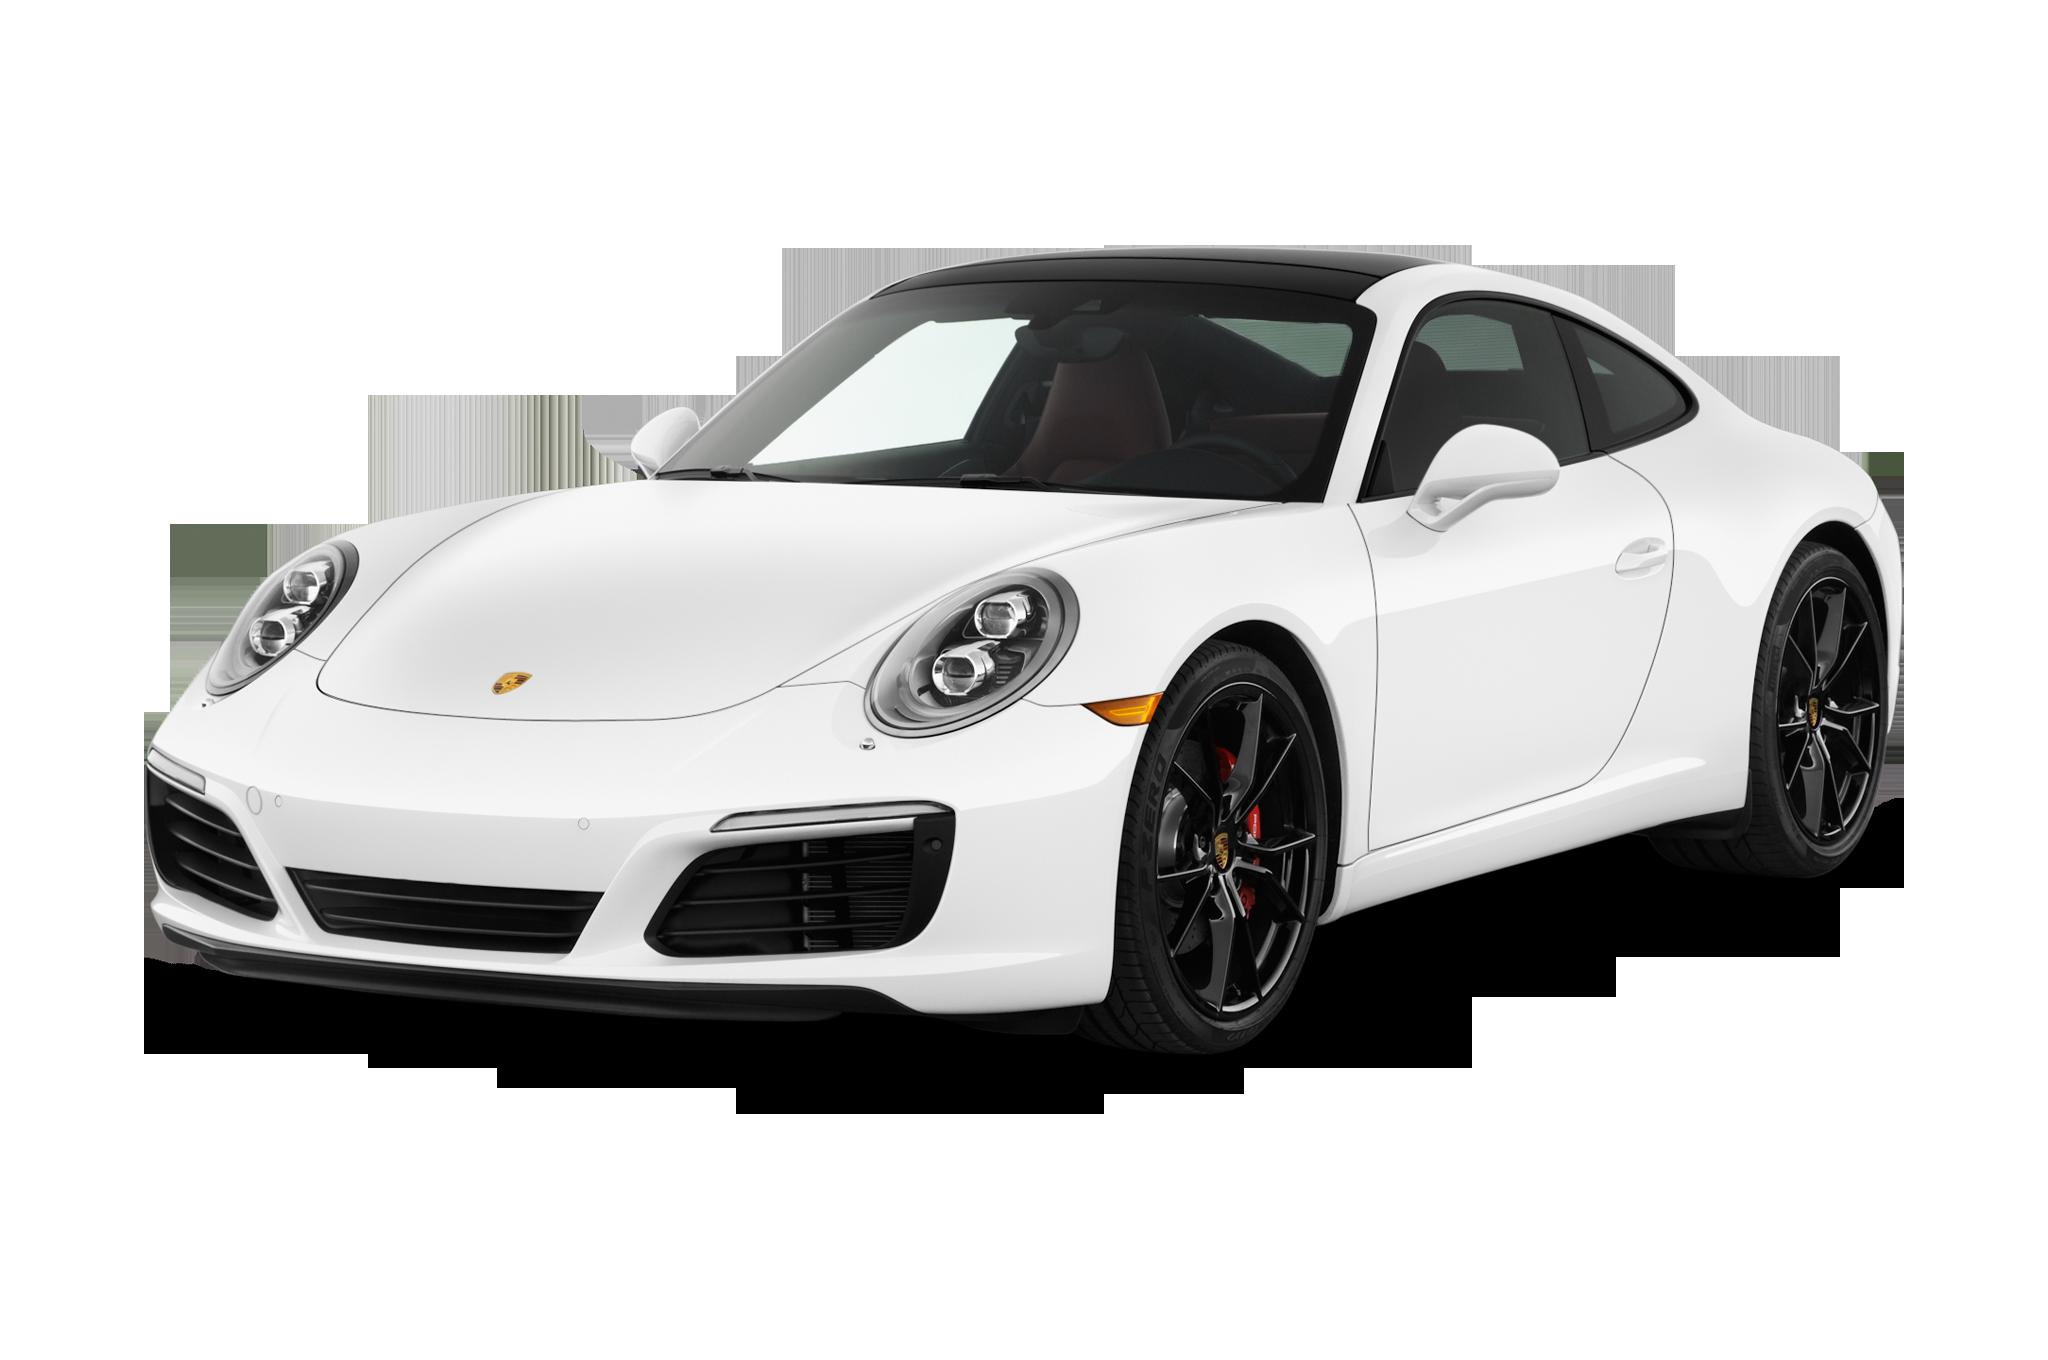 2019 911 Turbo